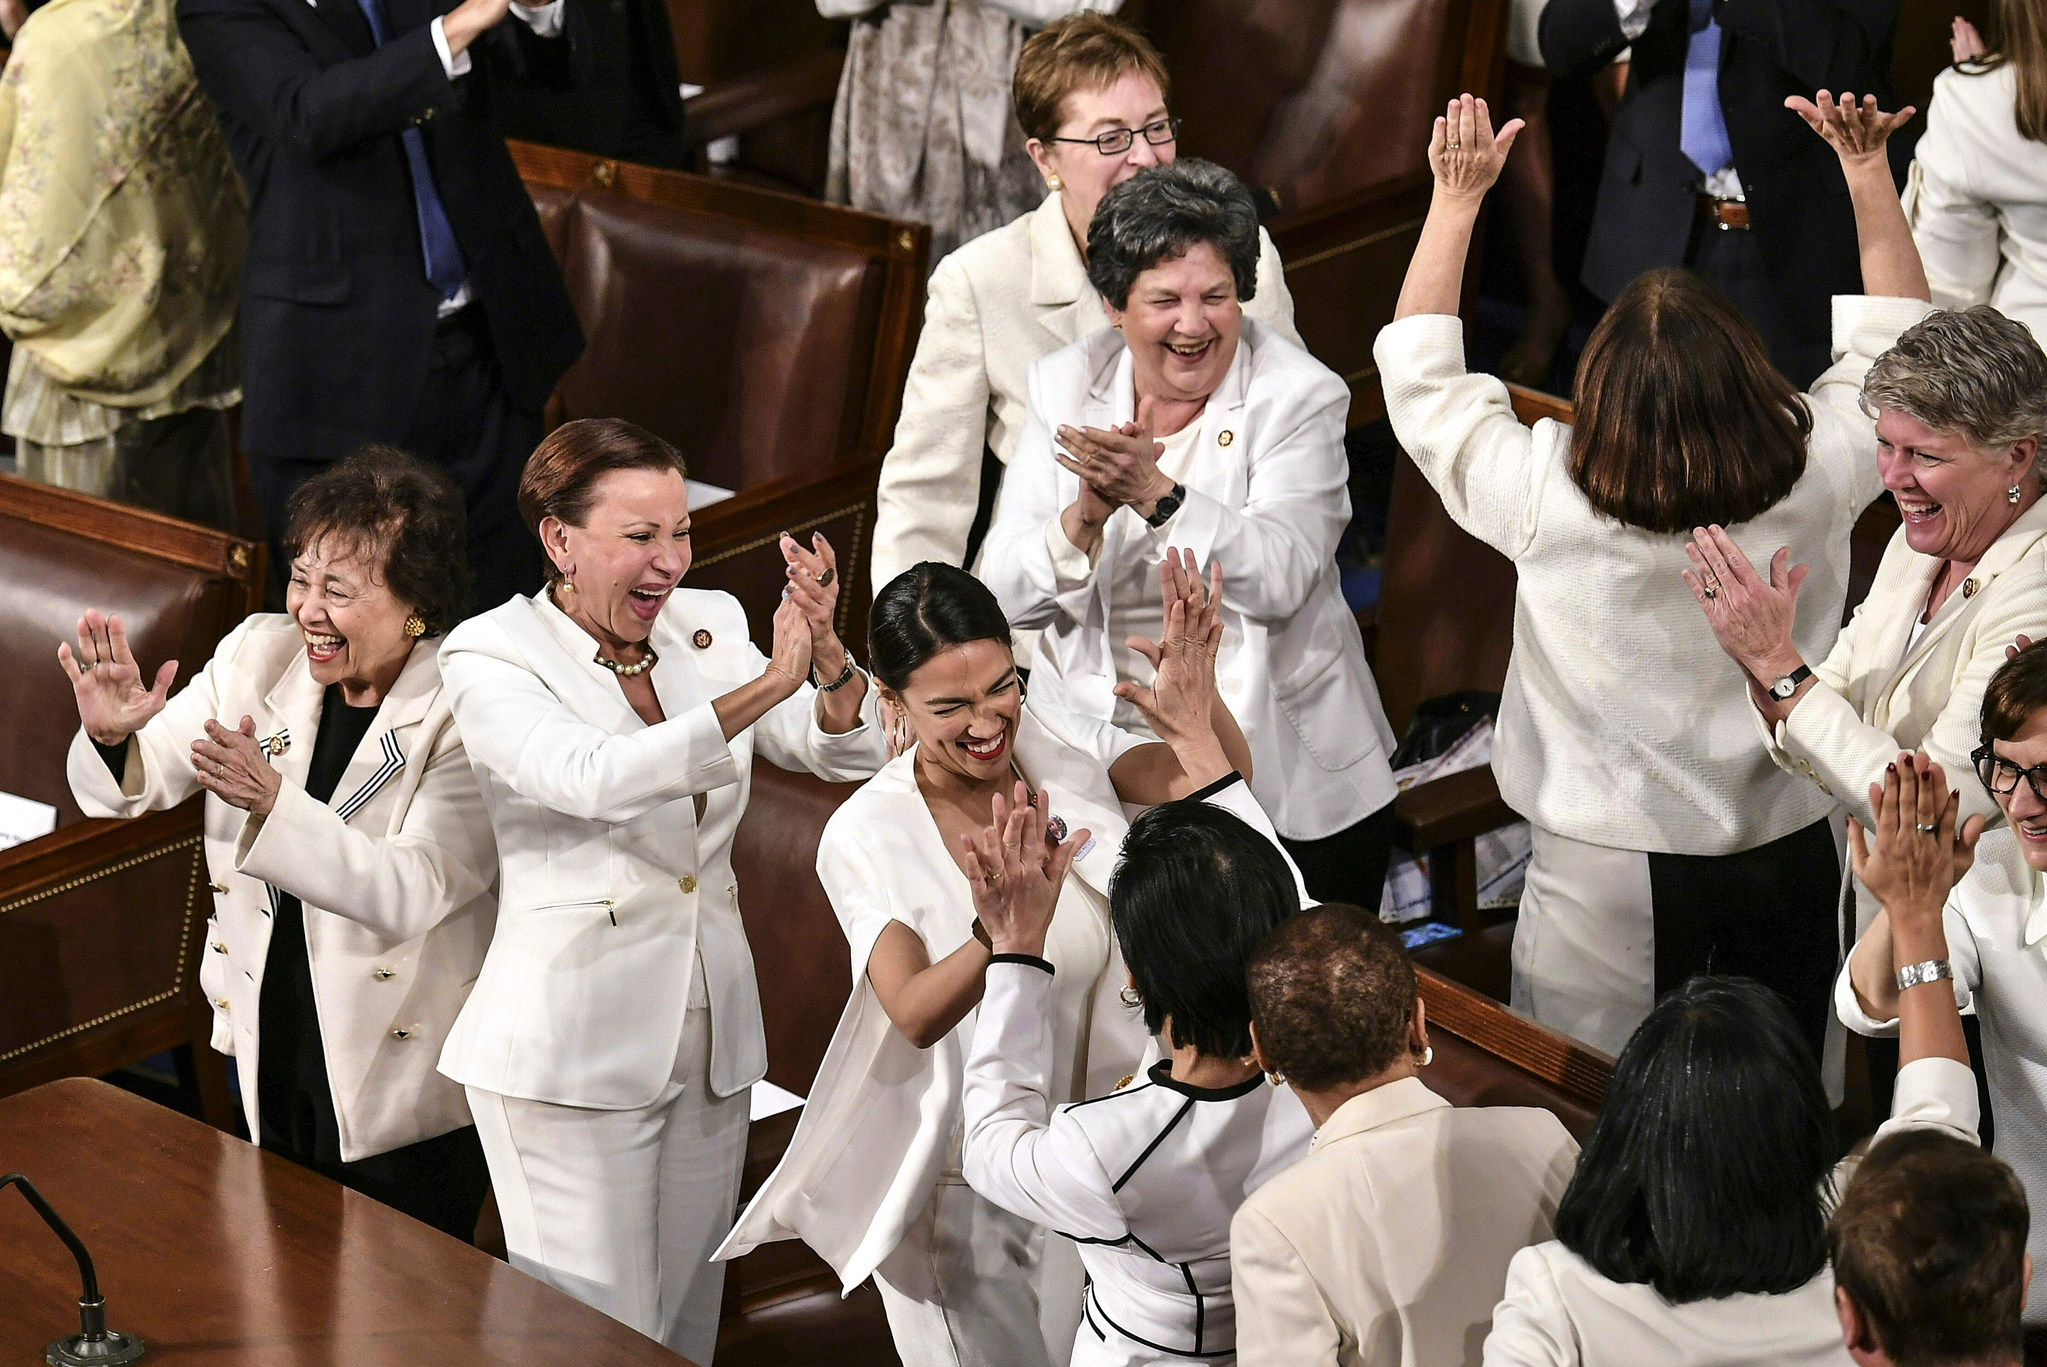 미국 민주당 여성 의원들이 5일(현지시간) 워싱턴 국회의사당에서 열린 도널드 트럼프 미국 대통령의 국정연설에 흰 옷을 입고 참석했다. 이날 트럼프 대통령이 경제 성과를 언급하며 미국 직장 내 여성들의 비율이 높아지고 있다고 강조하자 여성 의원들이 기립박수를 치며 환호하고 있다. [AFP=연합뉴스]